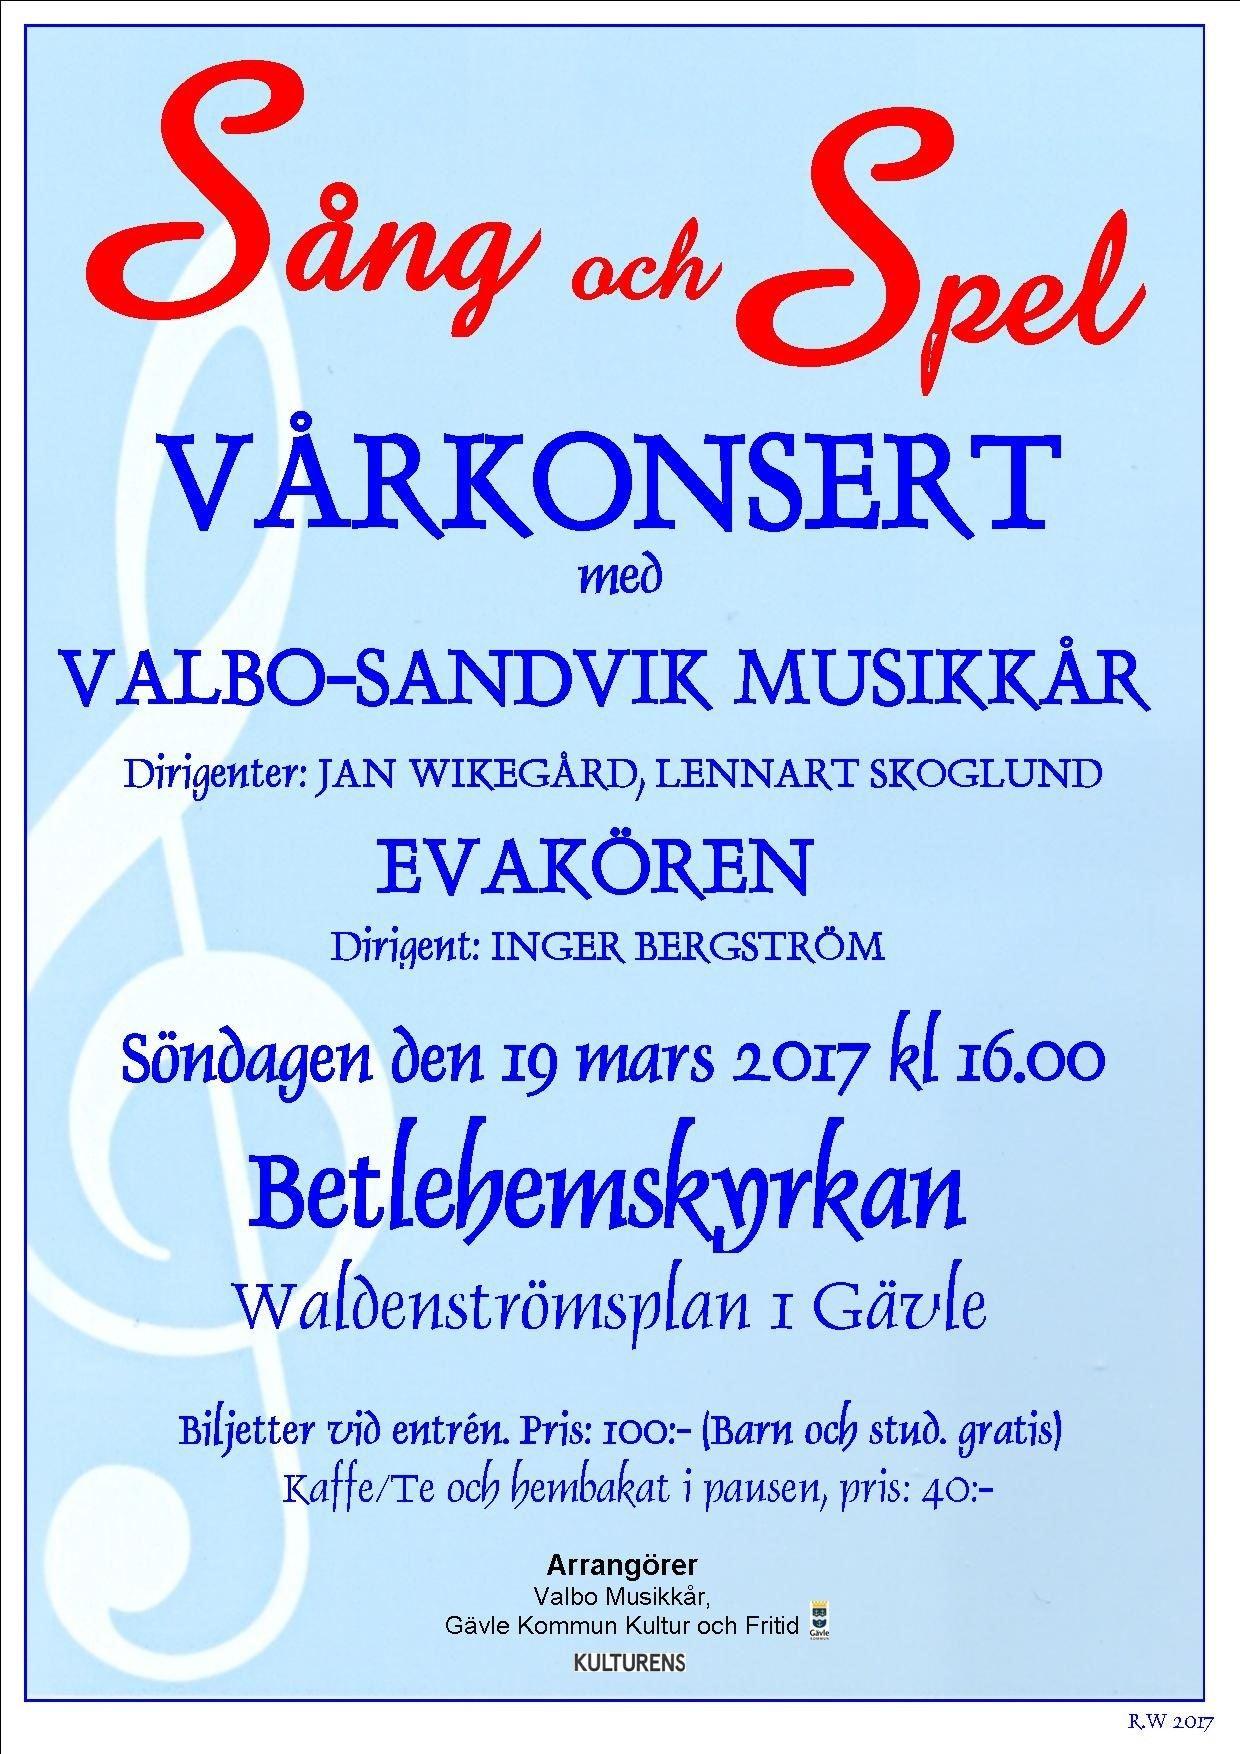 Vårkonsert - Valbo-Sandvik Musikkår och Evakören